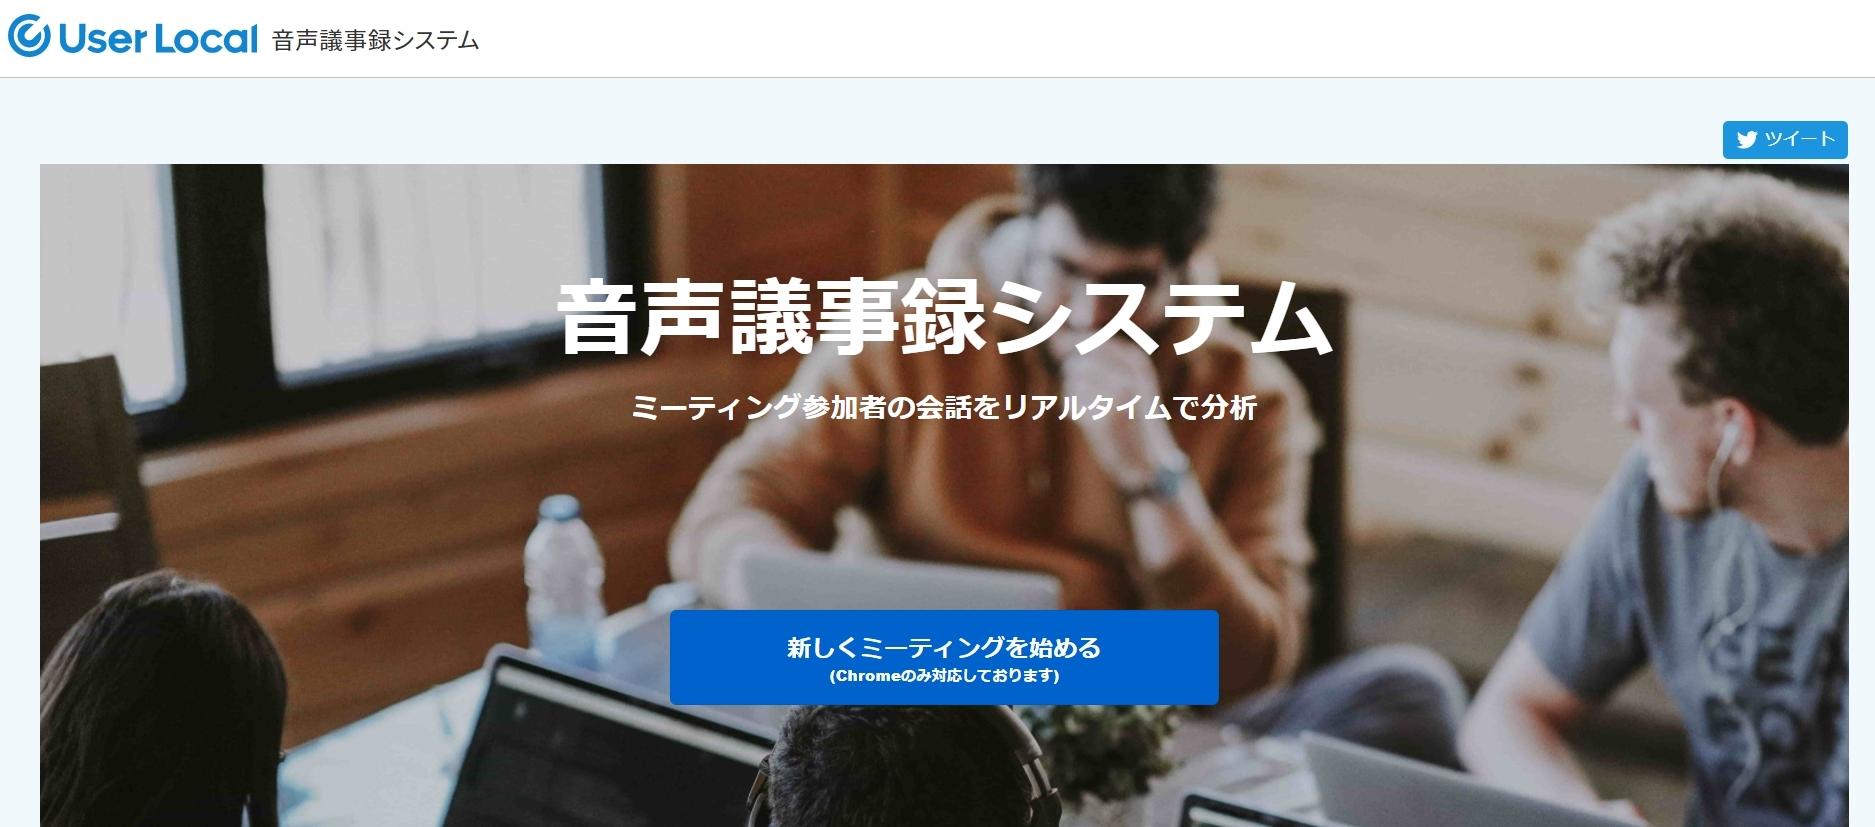 ユーザーローカル音声議事録サービス